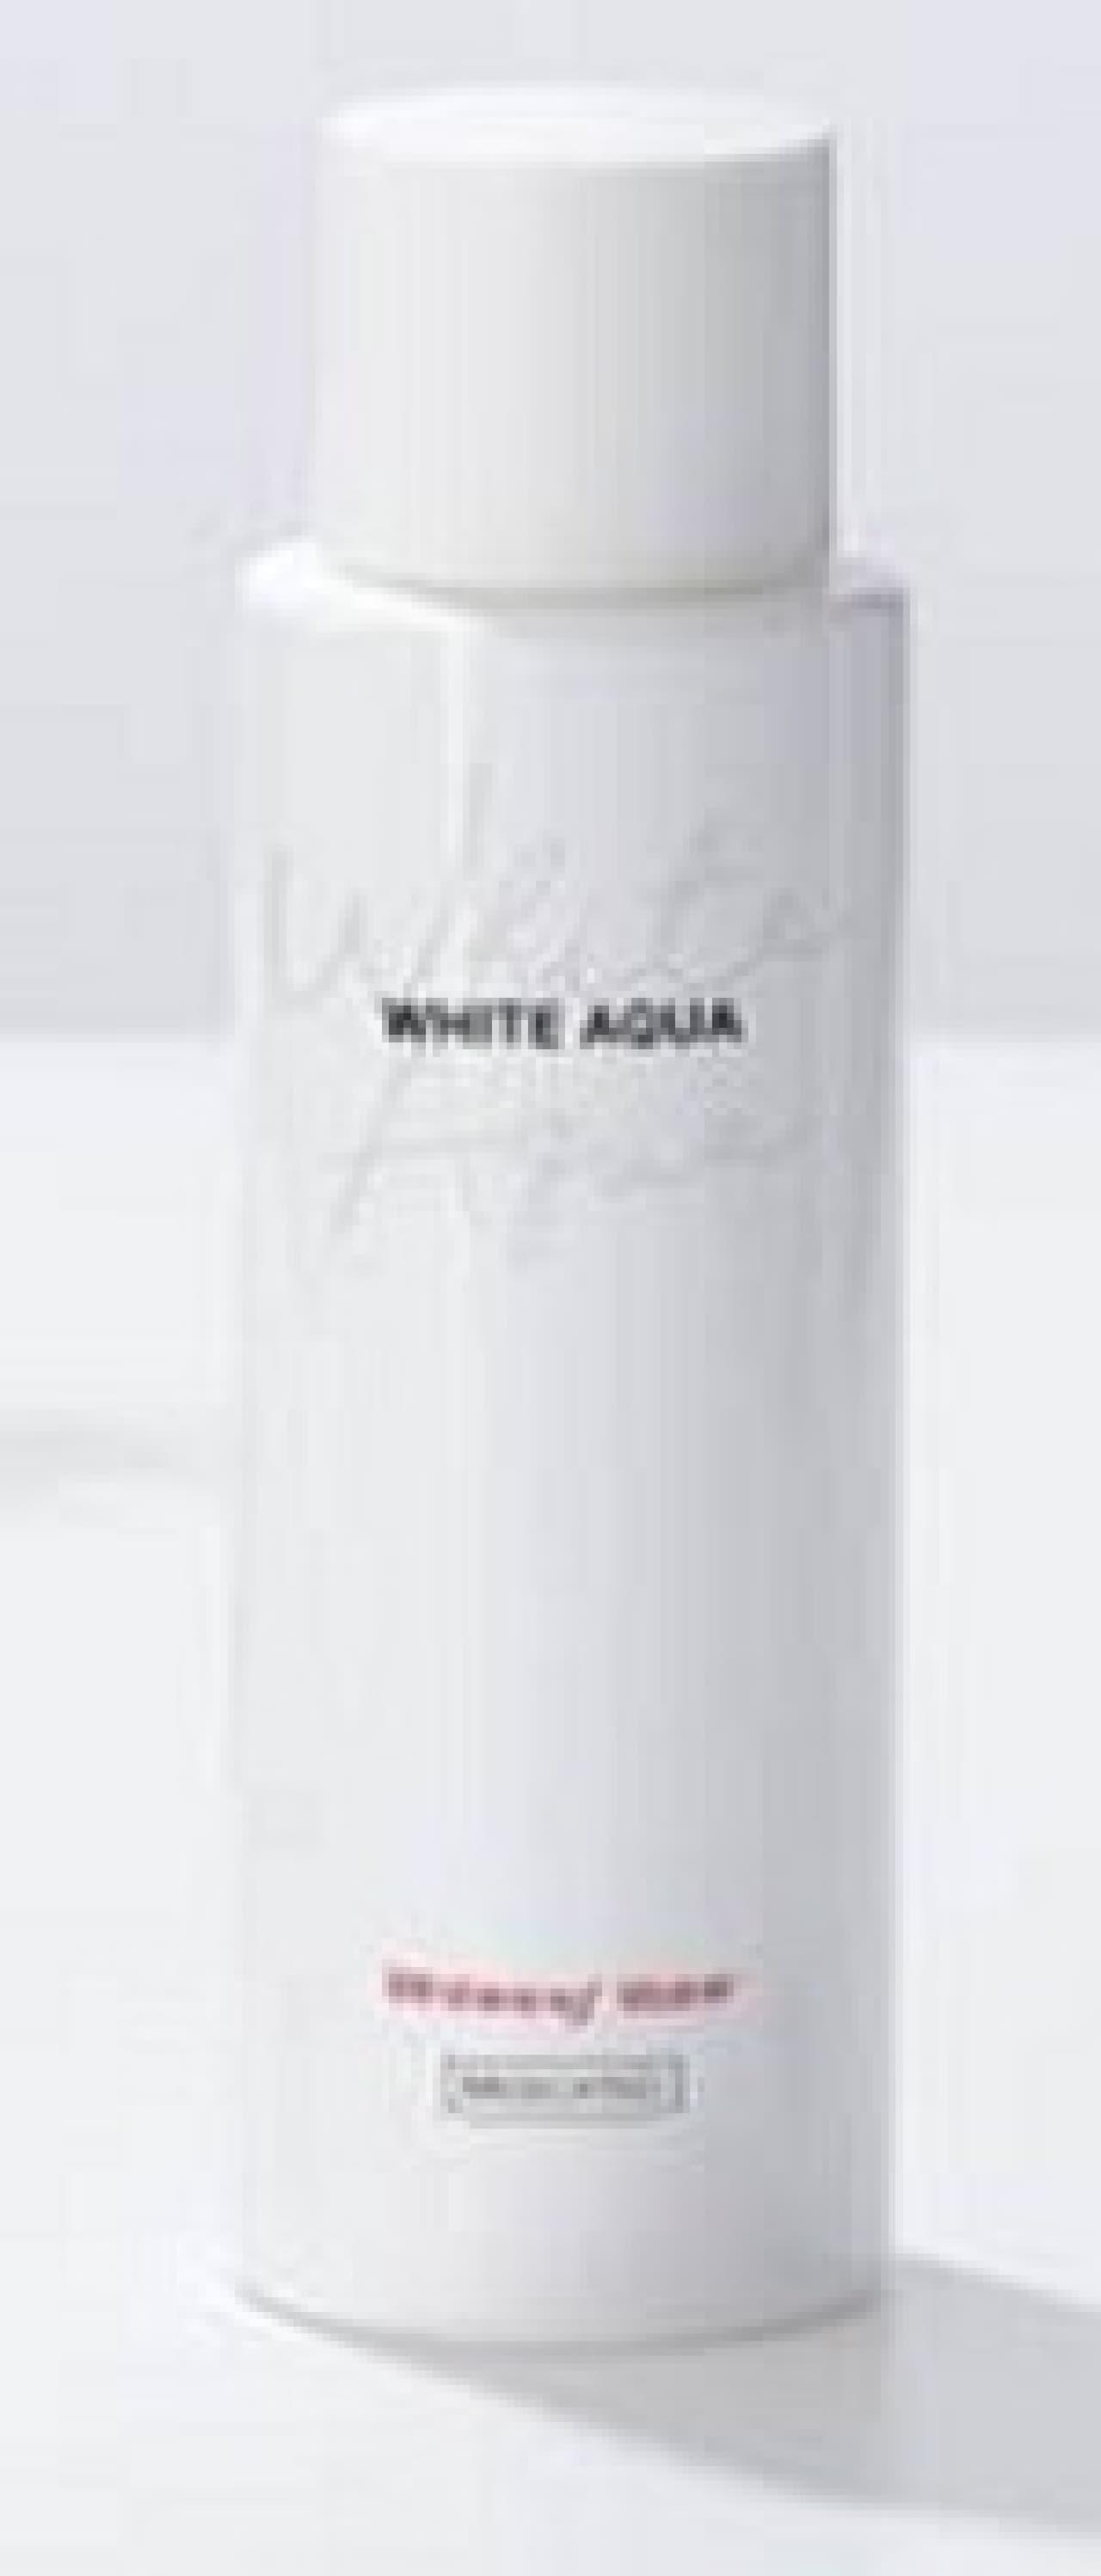 ホワイトアクア 薬用美白水